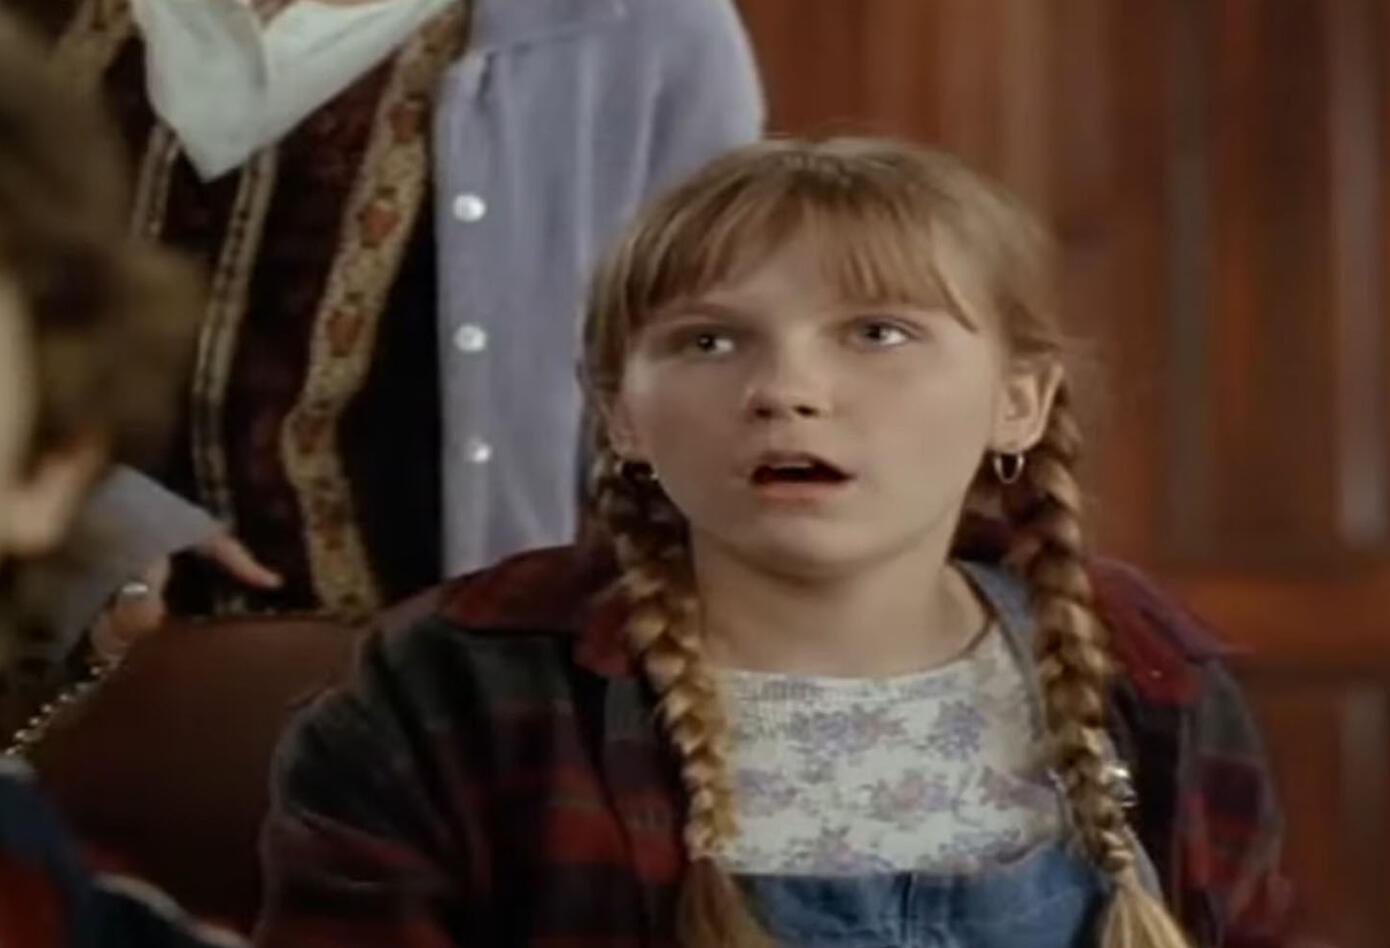 Kristen Dunst le dio vida a Judy Shepherd en Jumanji, una joven huérfana que perdió a sus padres en un accidente. Ella participa junto a su hermano menor en el peligroso juego.